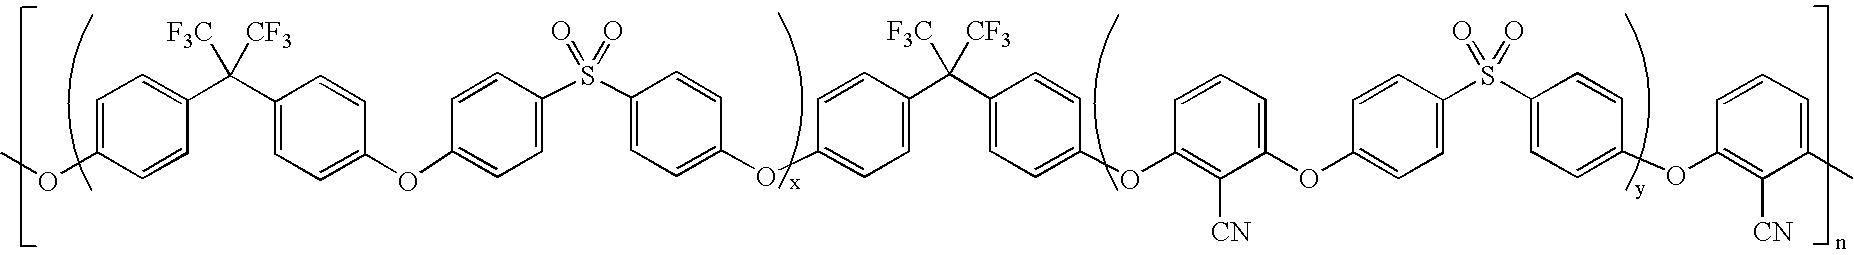 Figure US07695628-20100413-C00012